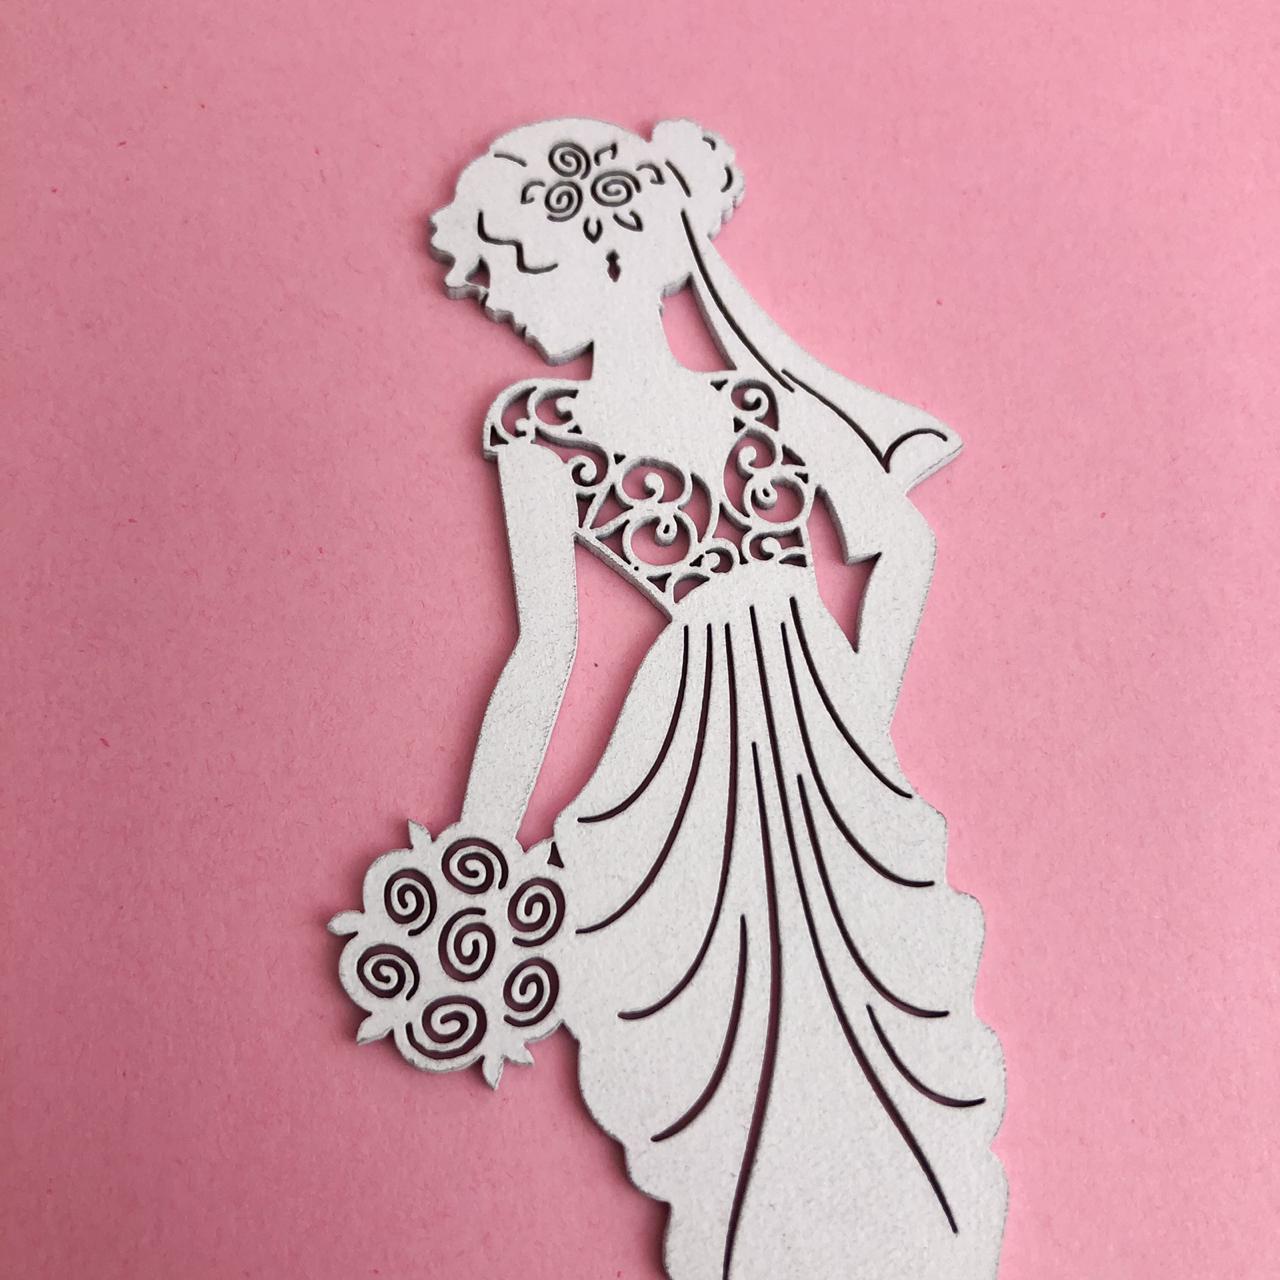 Enfeite Princess bride branco - BG Crafts (BG02)